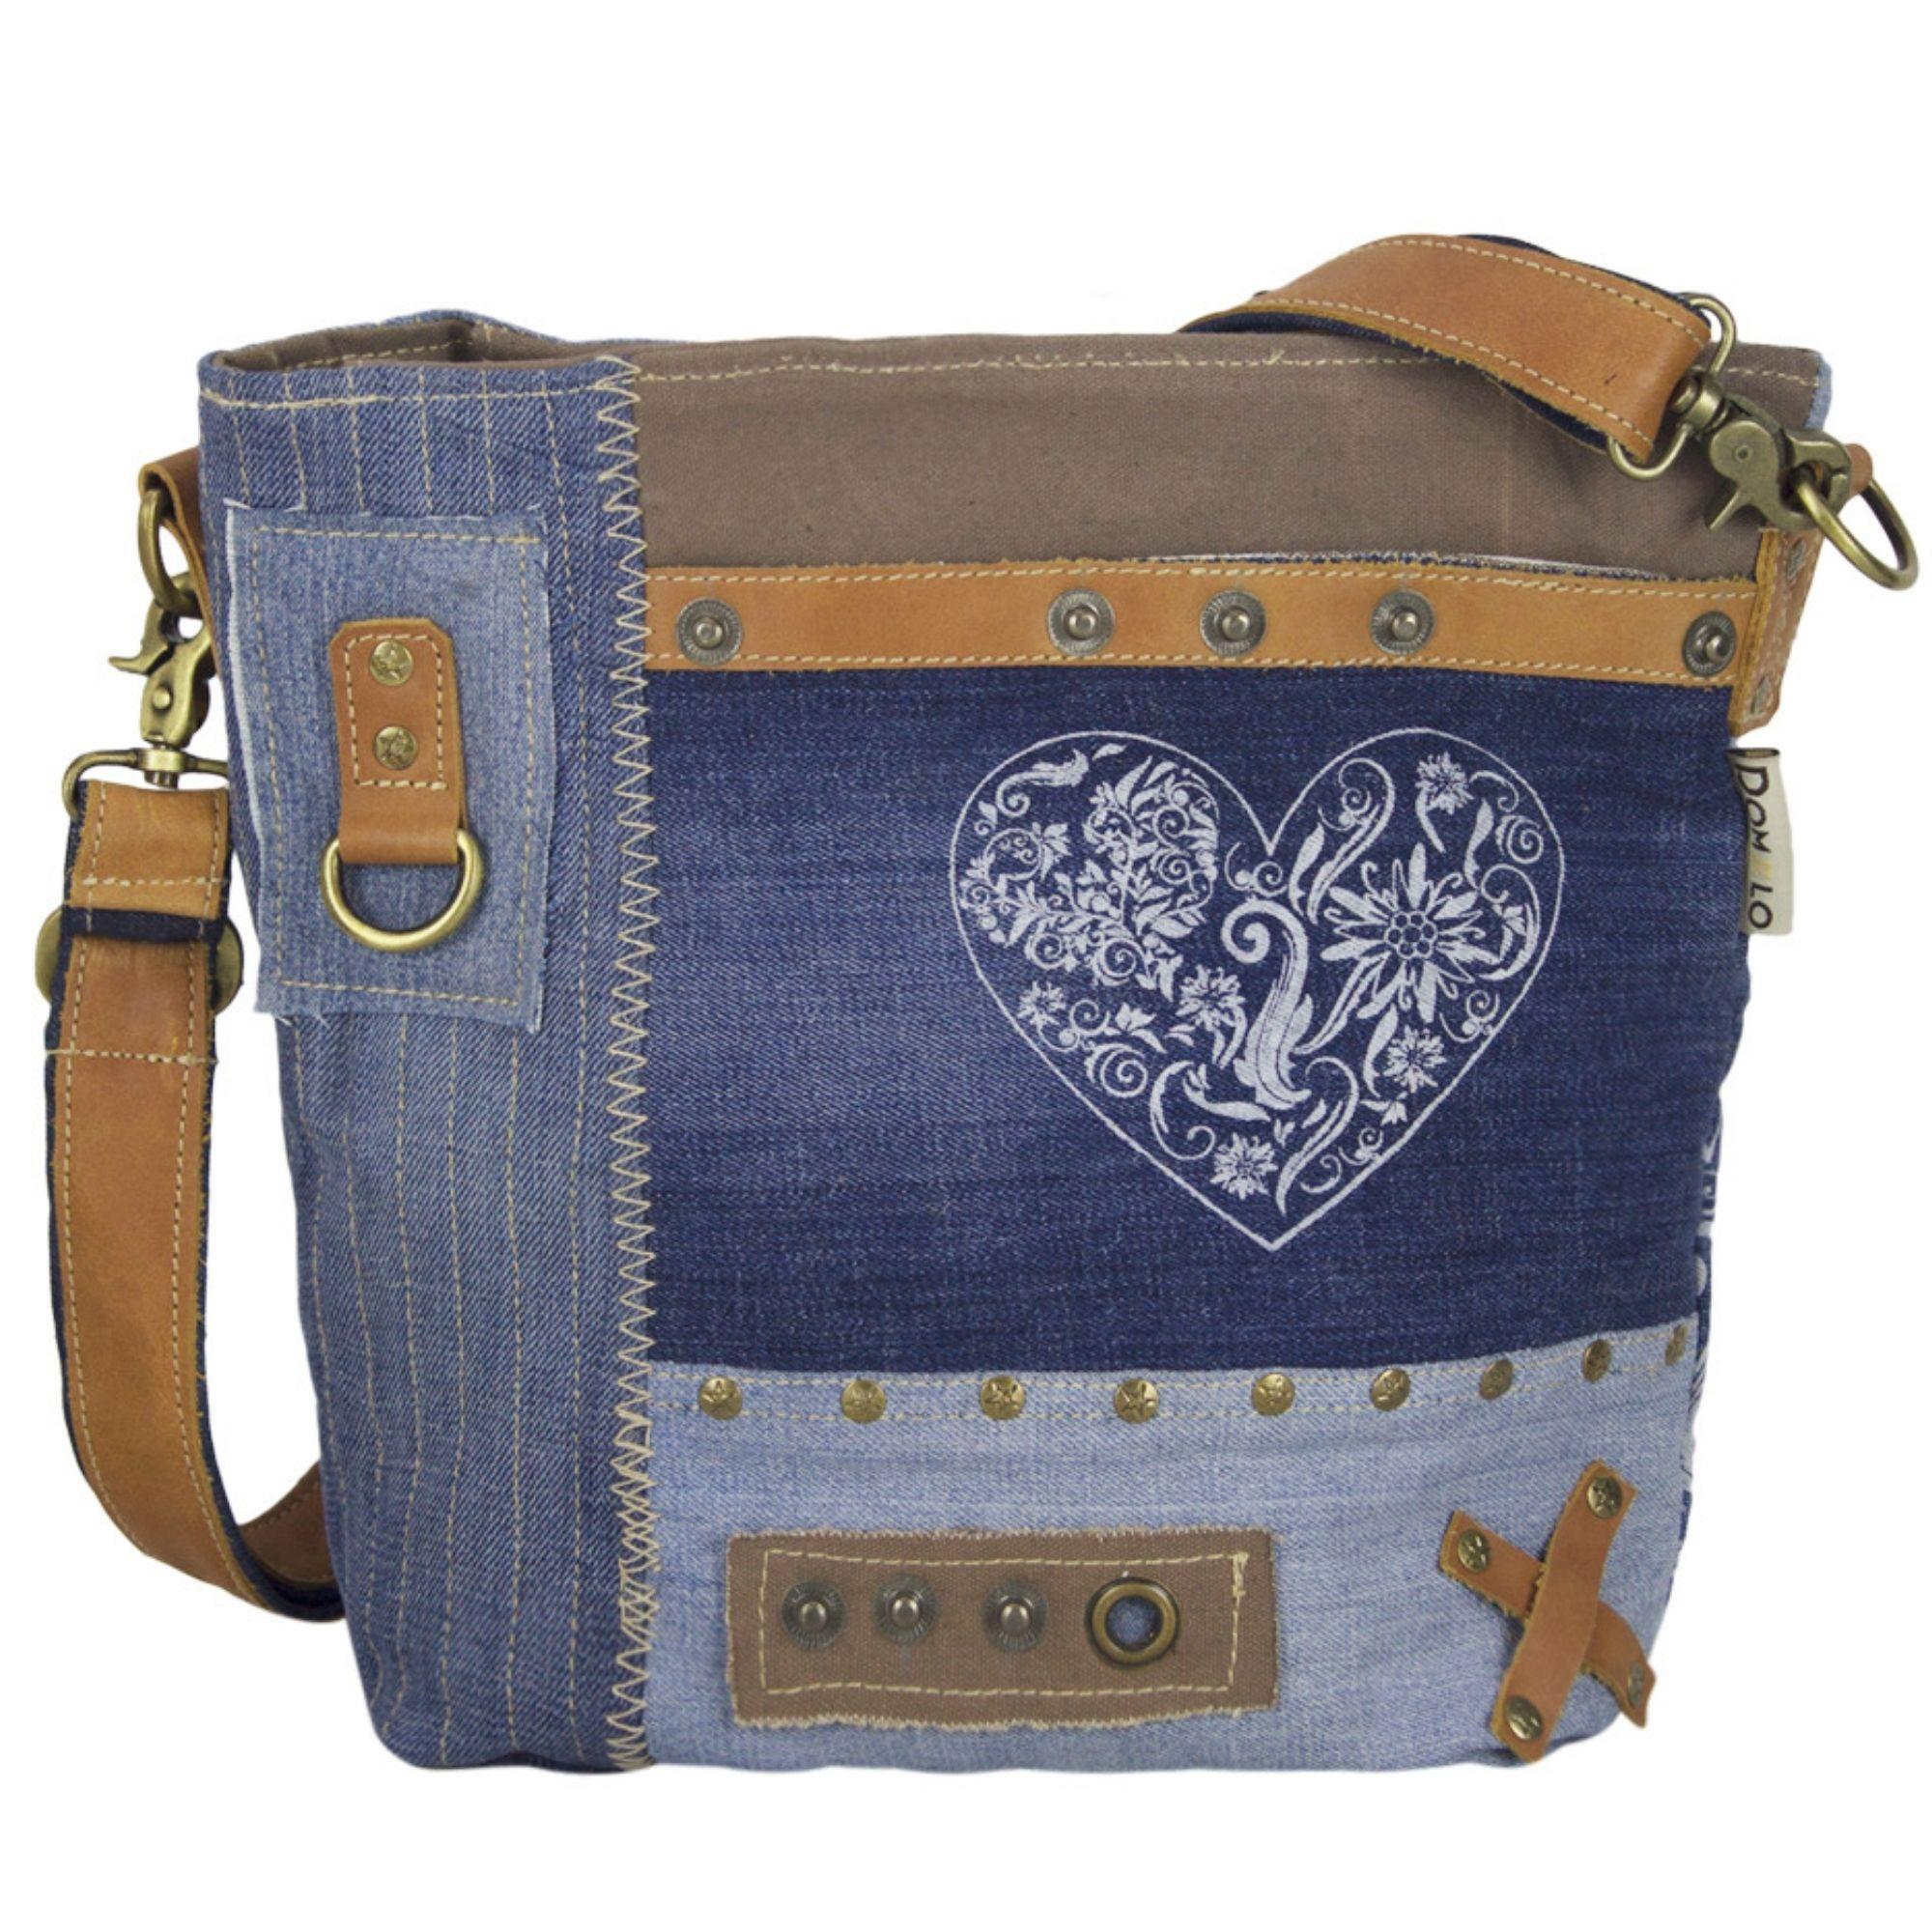 17f0e4dea33c8 Domelo Damen Trachtentasche Schultertasche Jeans Umhängetasche blau braun